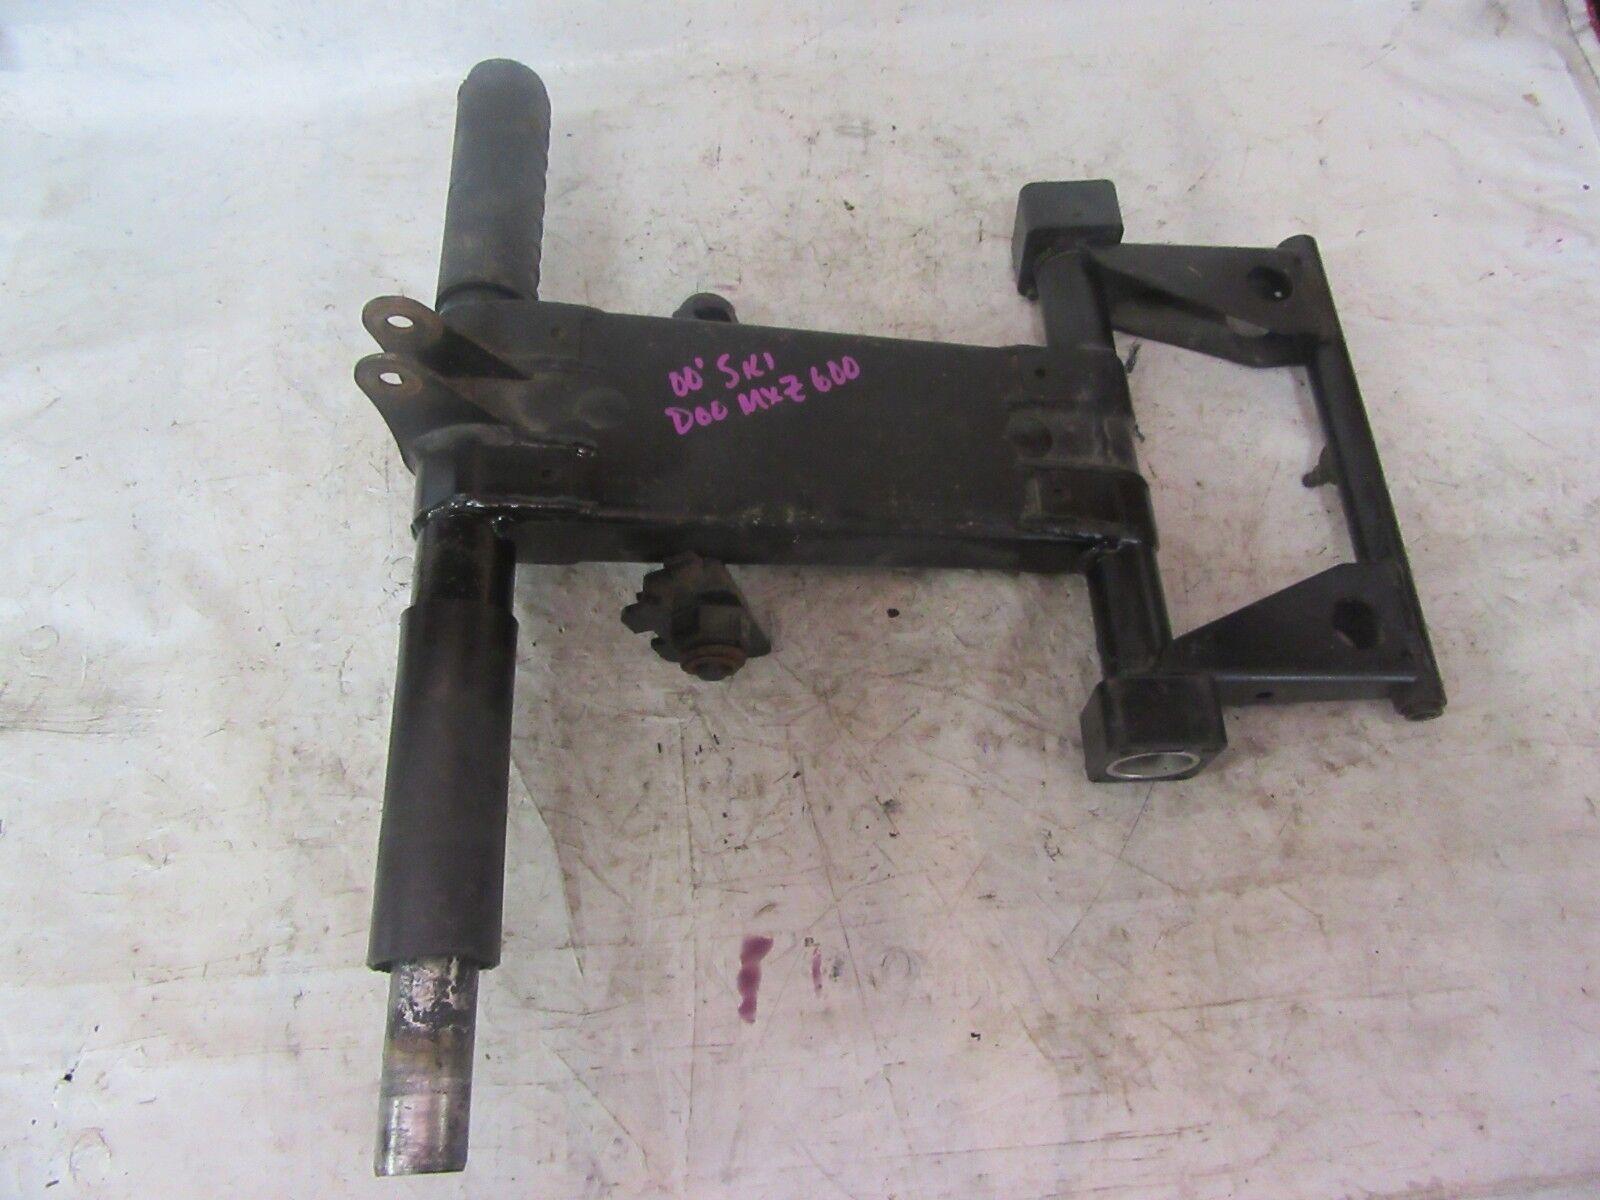 00' Ski-Doo MXZ 600 Front torque Arm (Suspension Part) Item